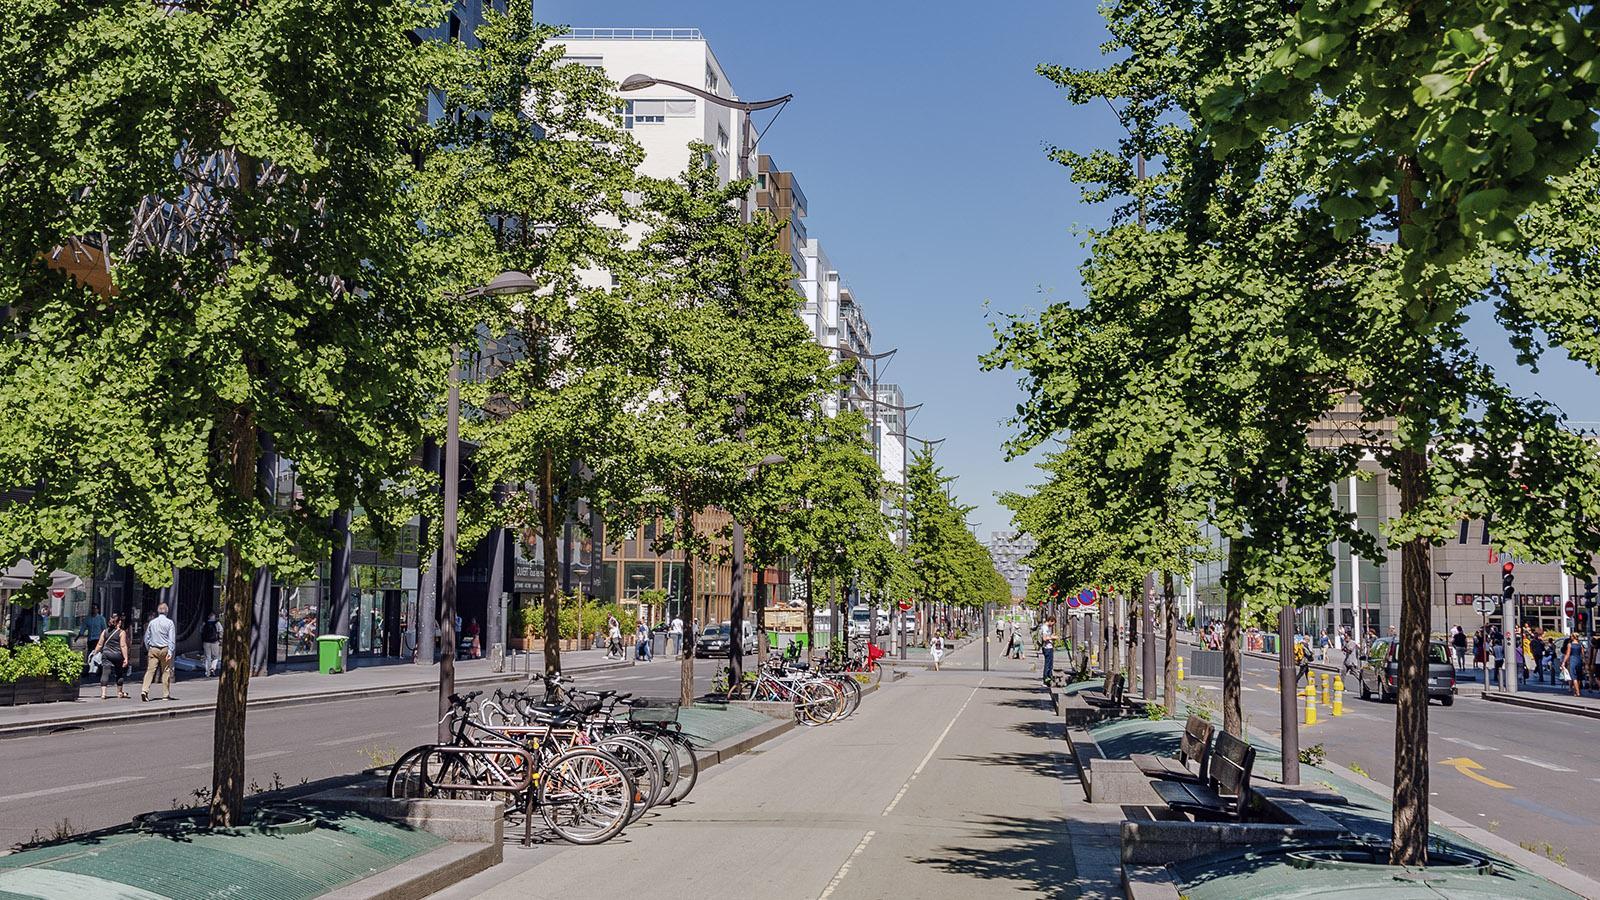 Municipales 2020: Neue Radschnellwege für Paris - auch am östlichen Rive Gauche von Tolbiac. Foto: Hilke Maunder